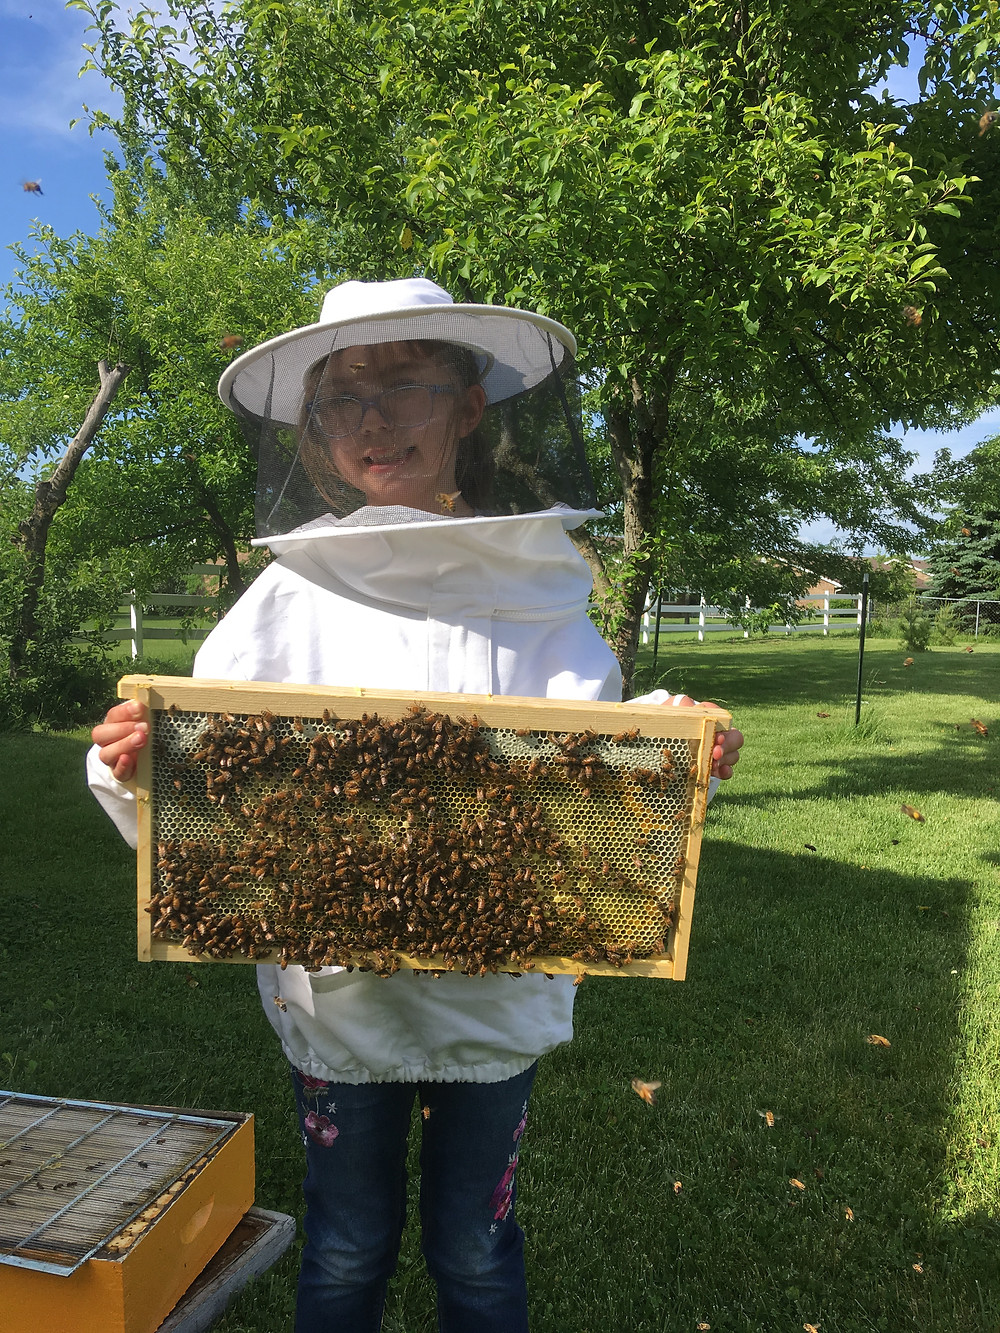 Honey bees. Beekeeper. Brood. Dunham Bees. Backyard. London, Ohio.